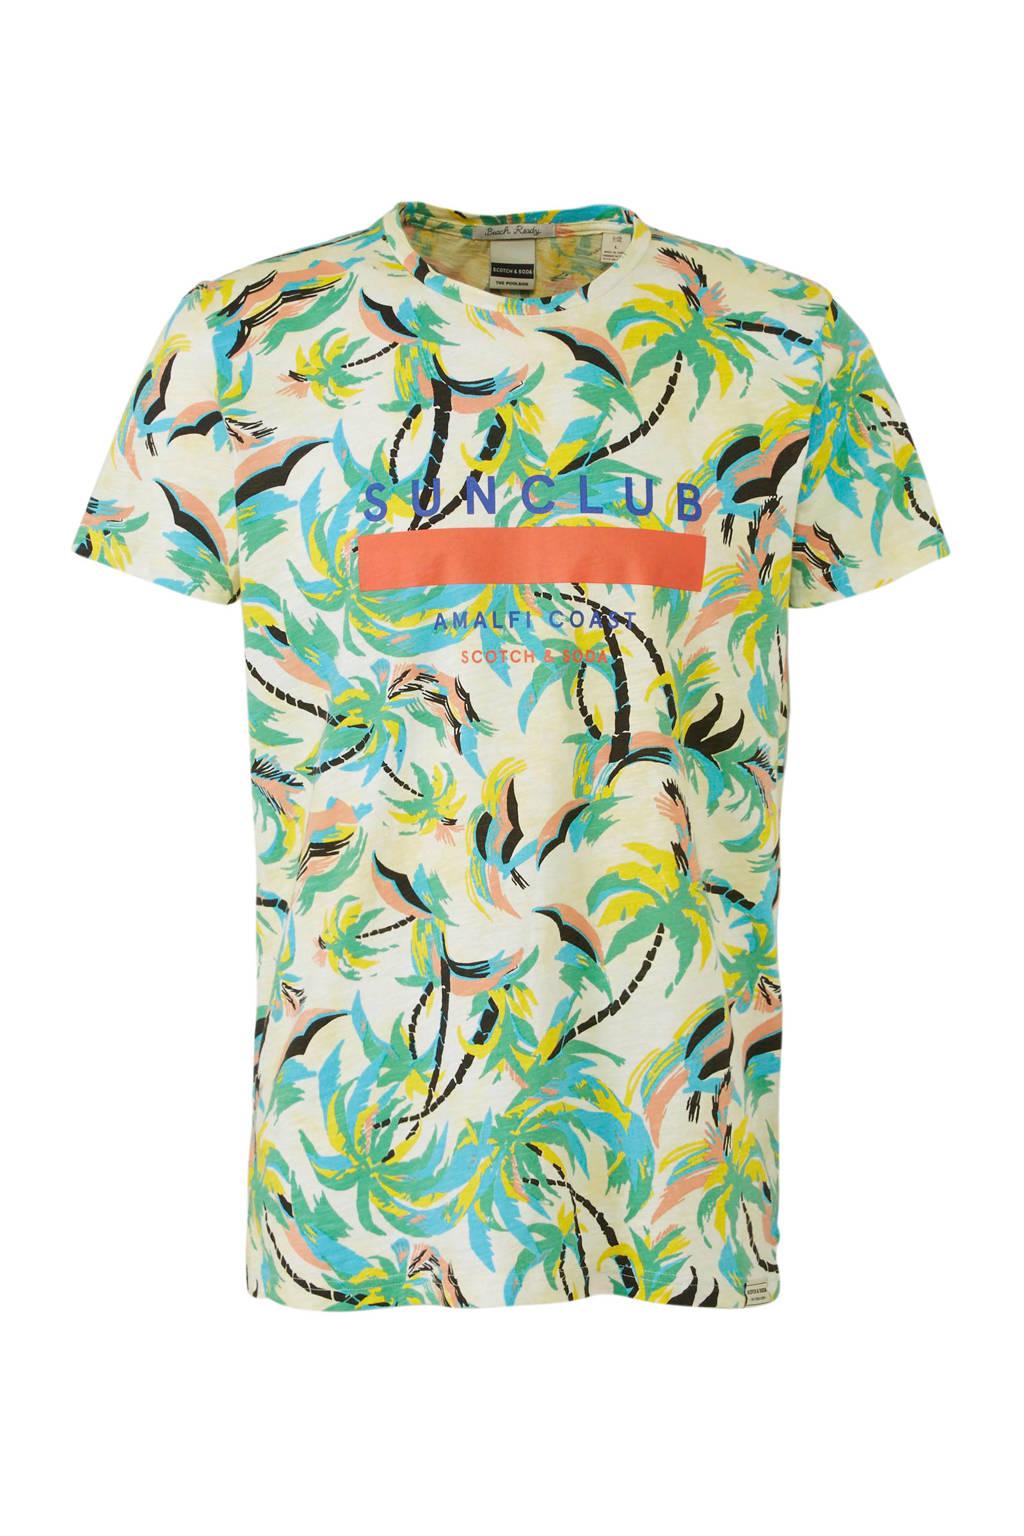 Scotch & Soda T-shirt met all over print, Groen/multi-kleuren